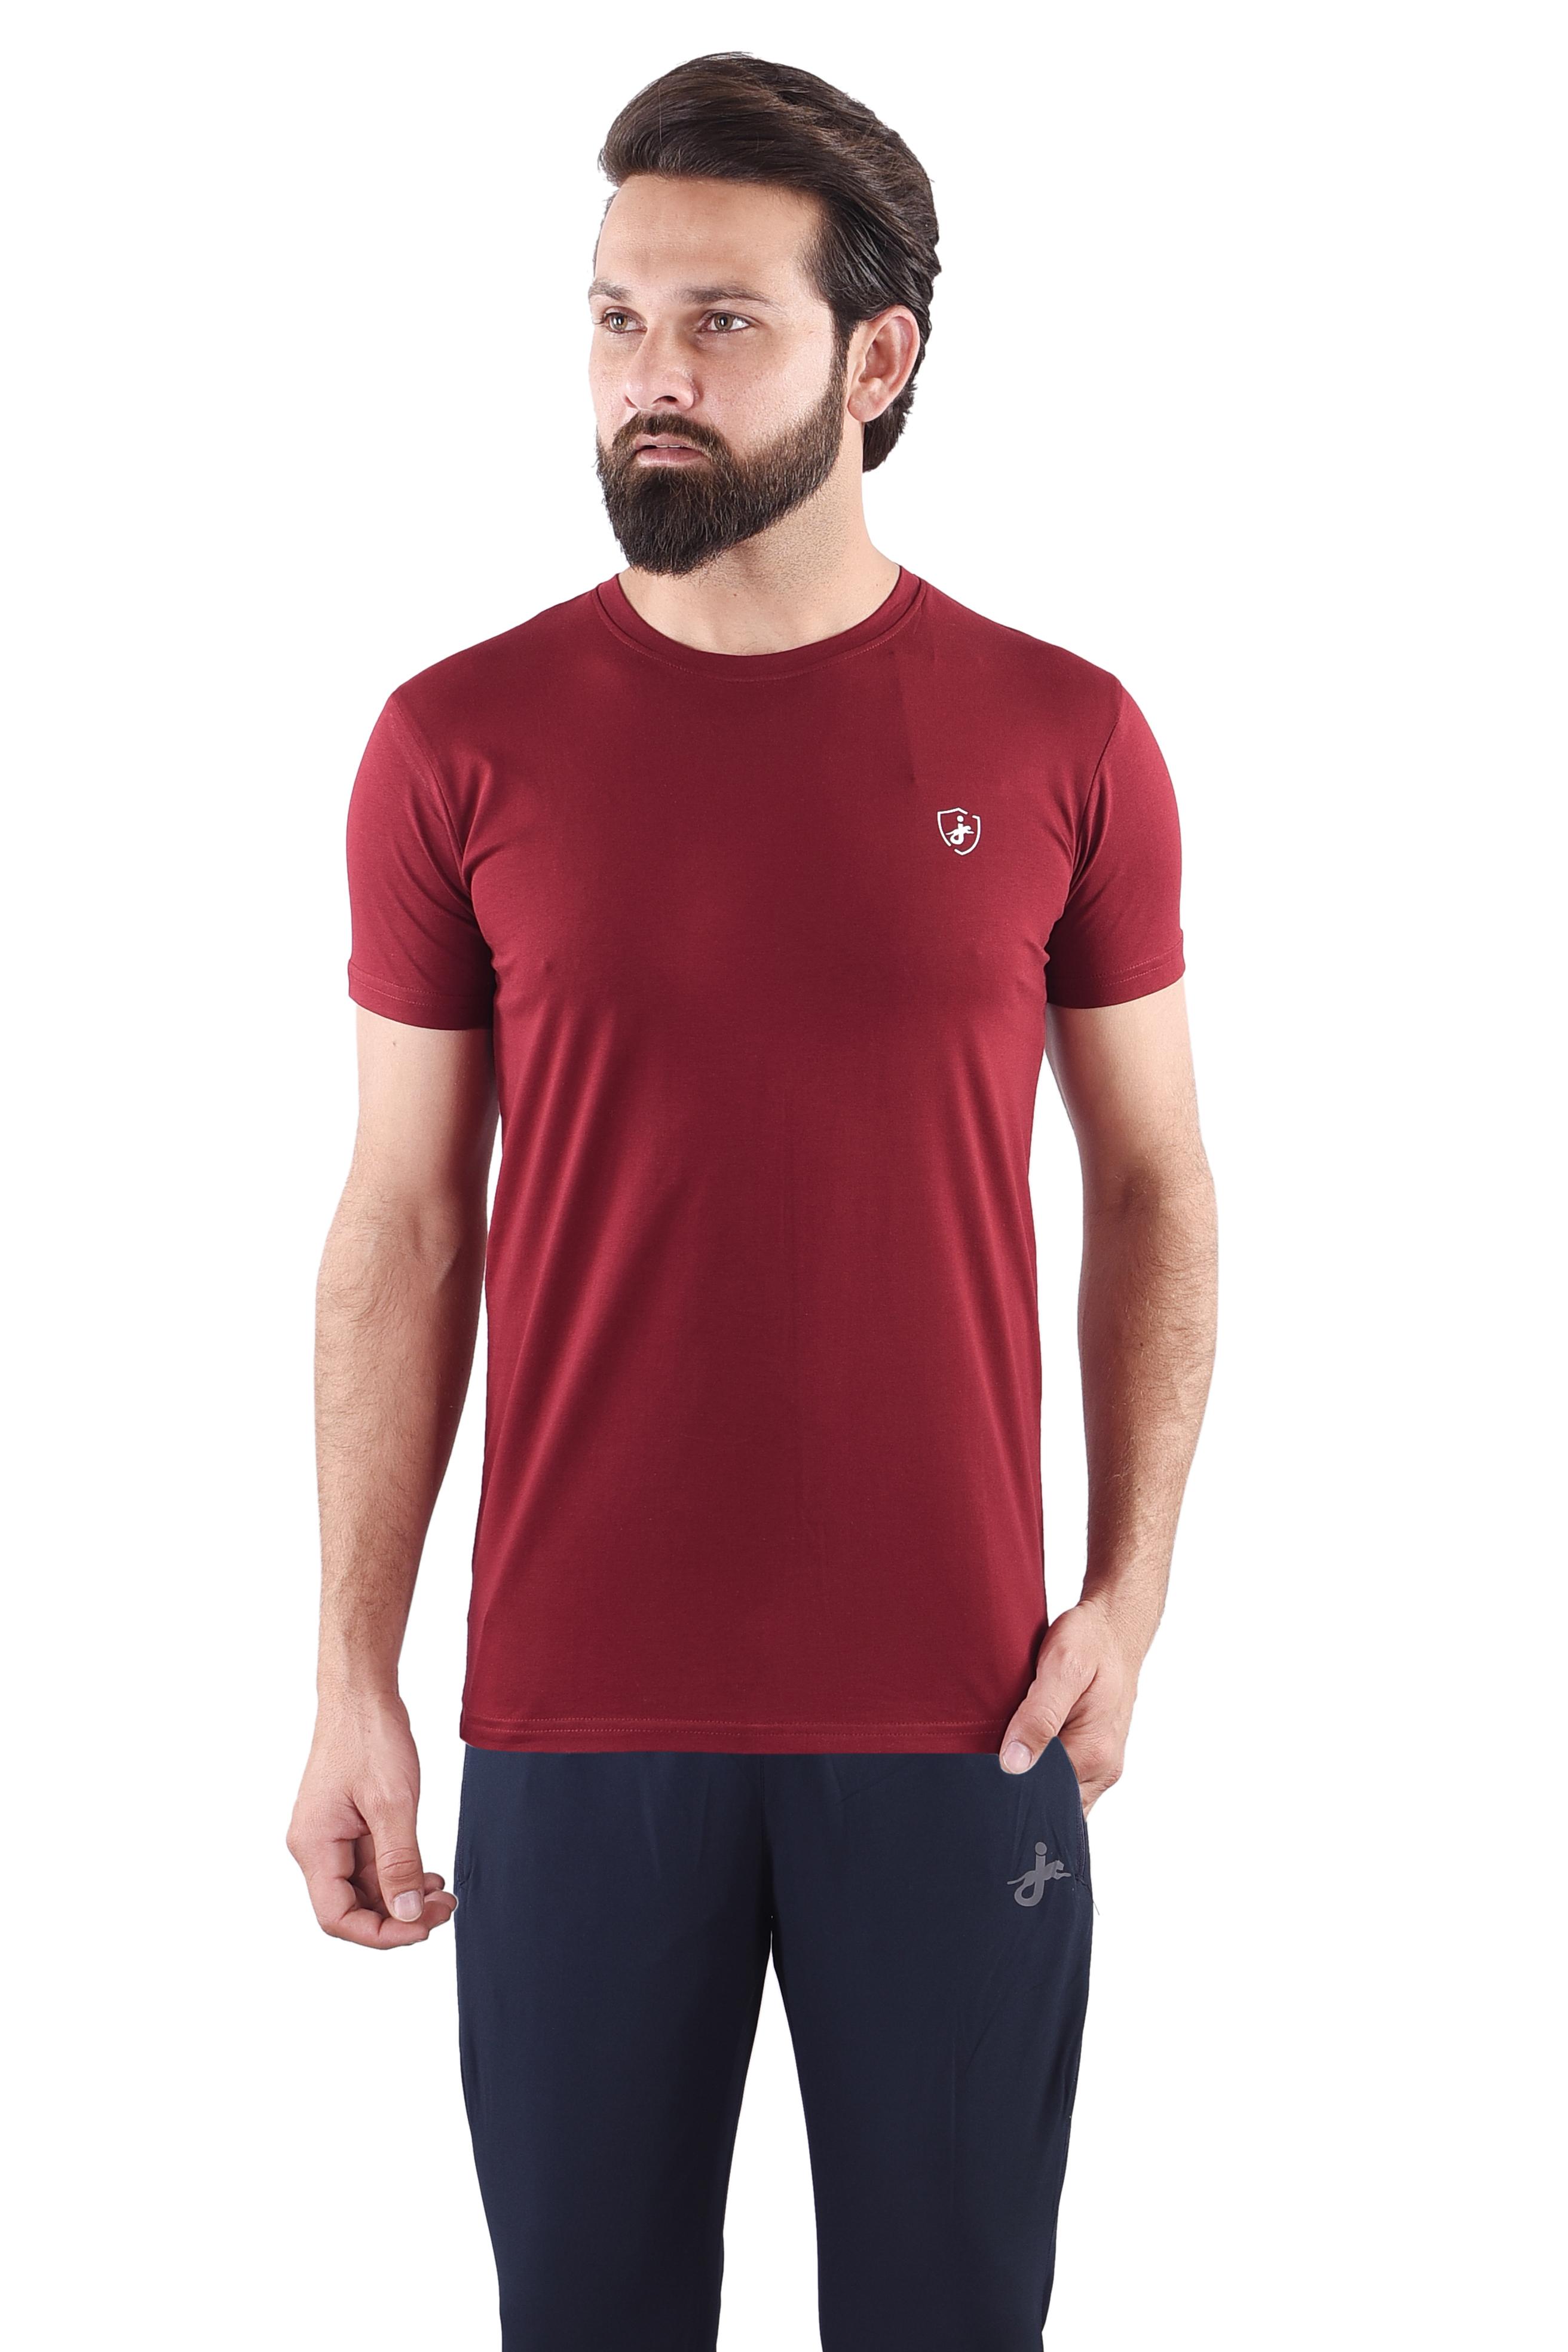 JAGURO   JAGURO  Men's Cotton Solid Round Neck Maroon T-Shirt